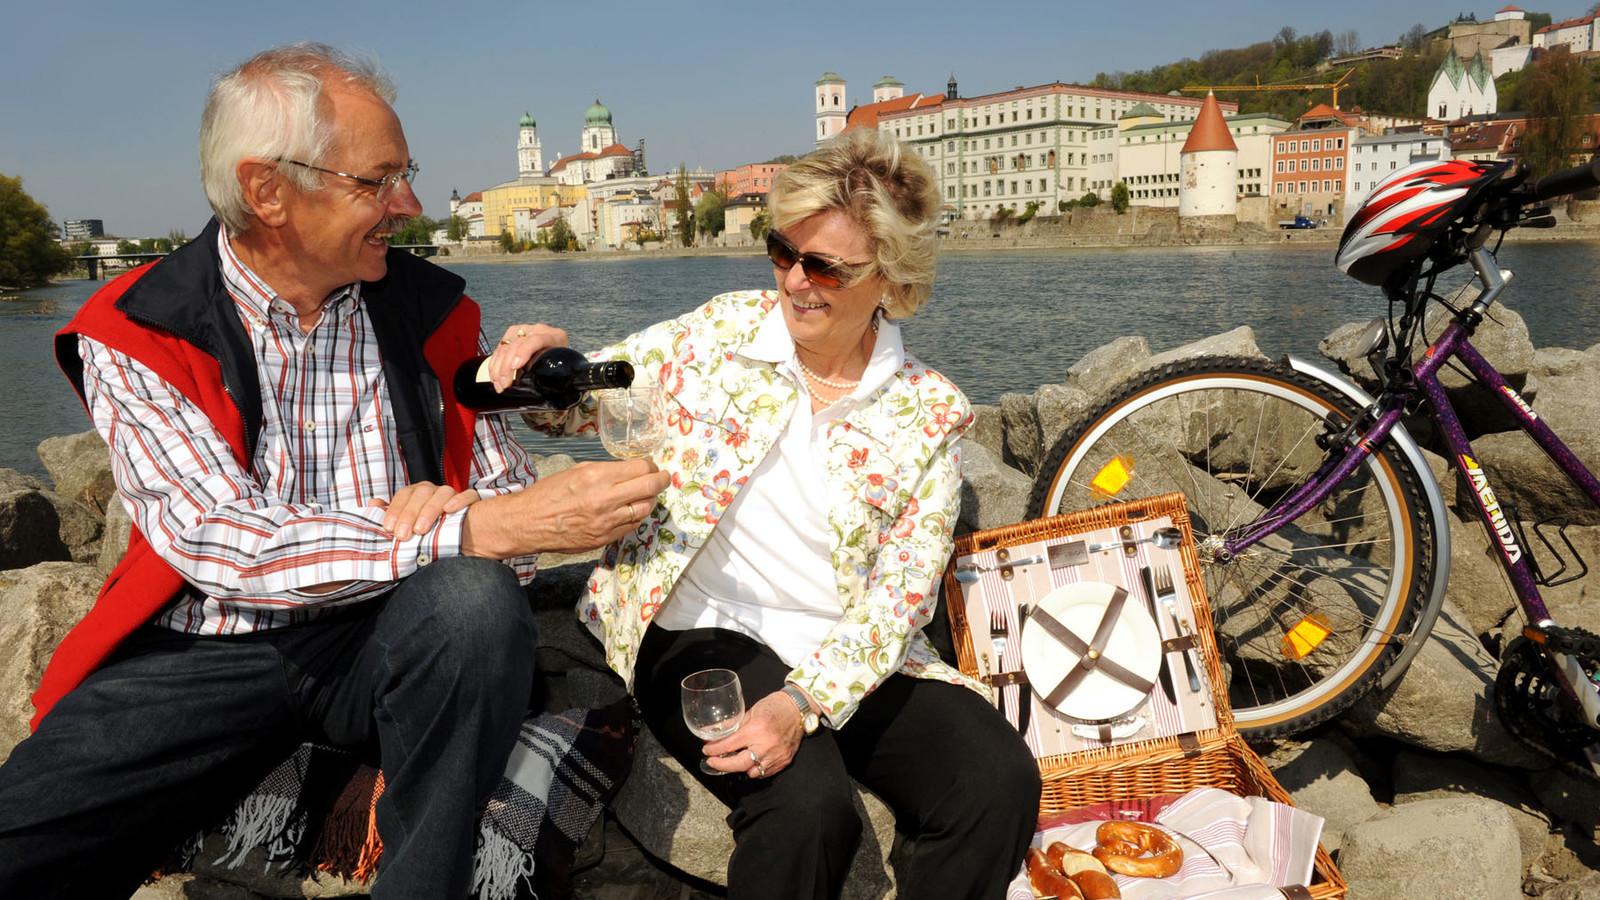 Picknick in Passau - ein Genuss nicht nur für Radfahrer